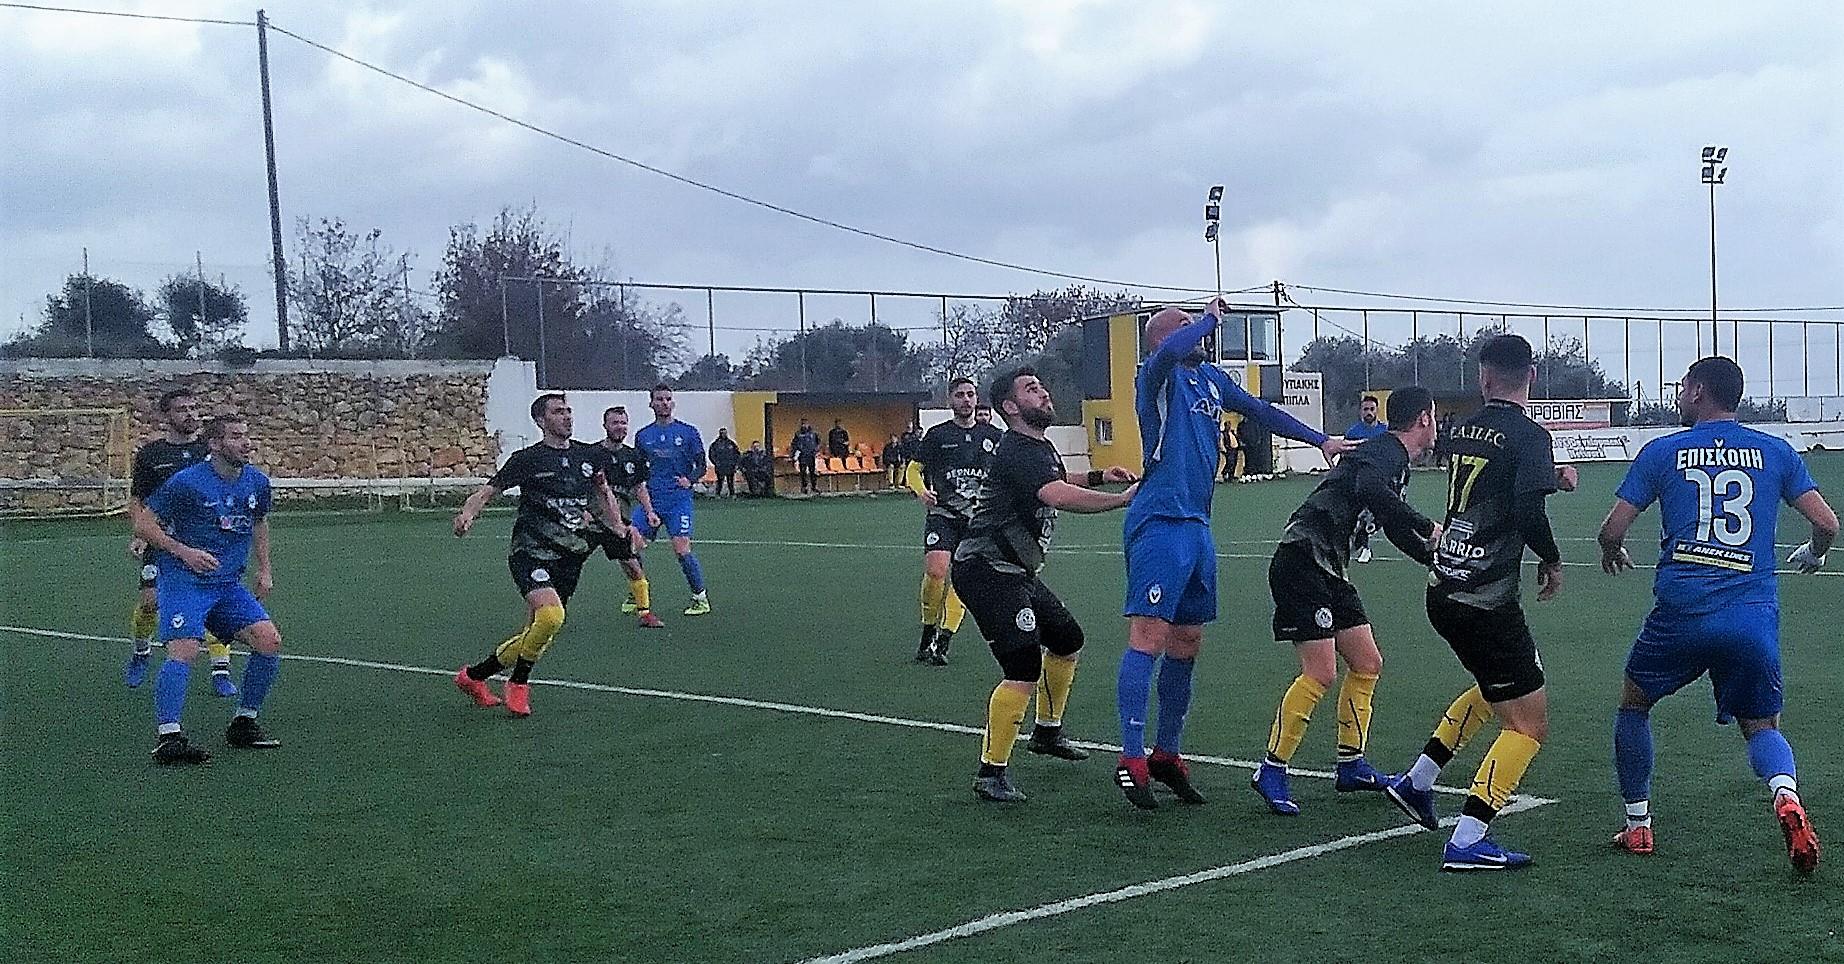 Στα ημιτελικά του κυπέλλου ΕΠΣΡ / Νίκη-πρόκριση με 0-9